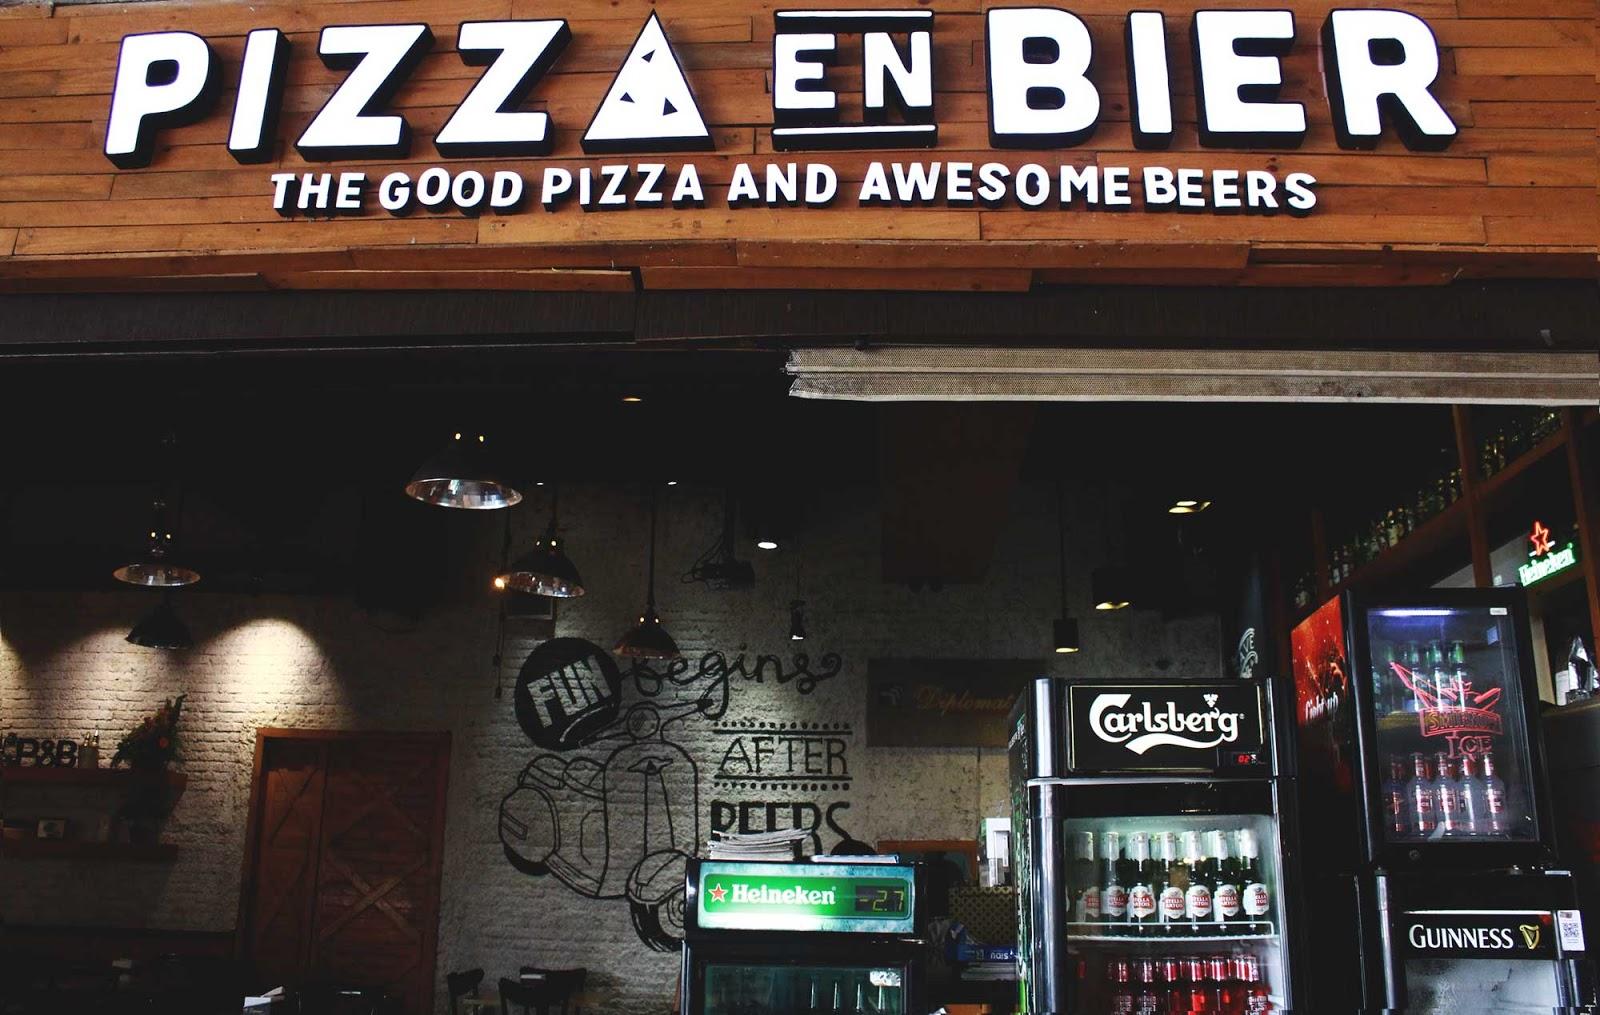 Melepas Lapar dan Dahaga di Pizza en Bier